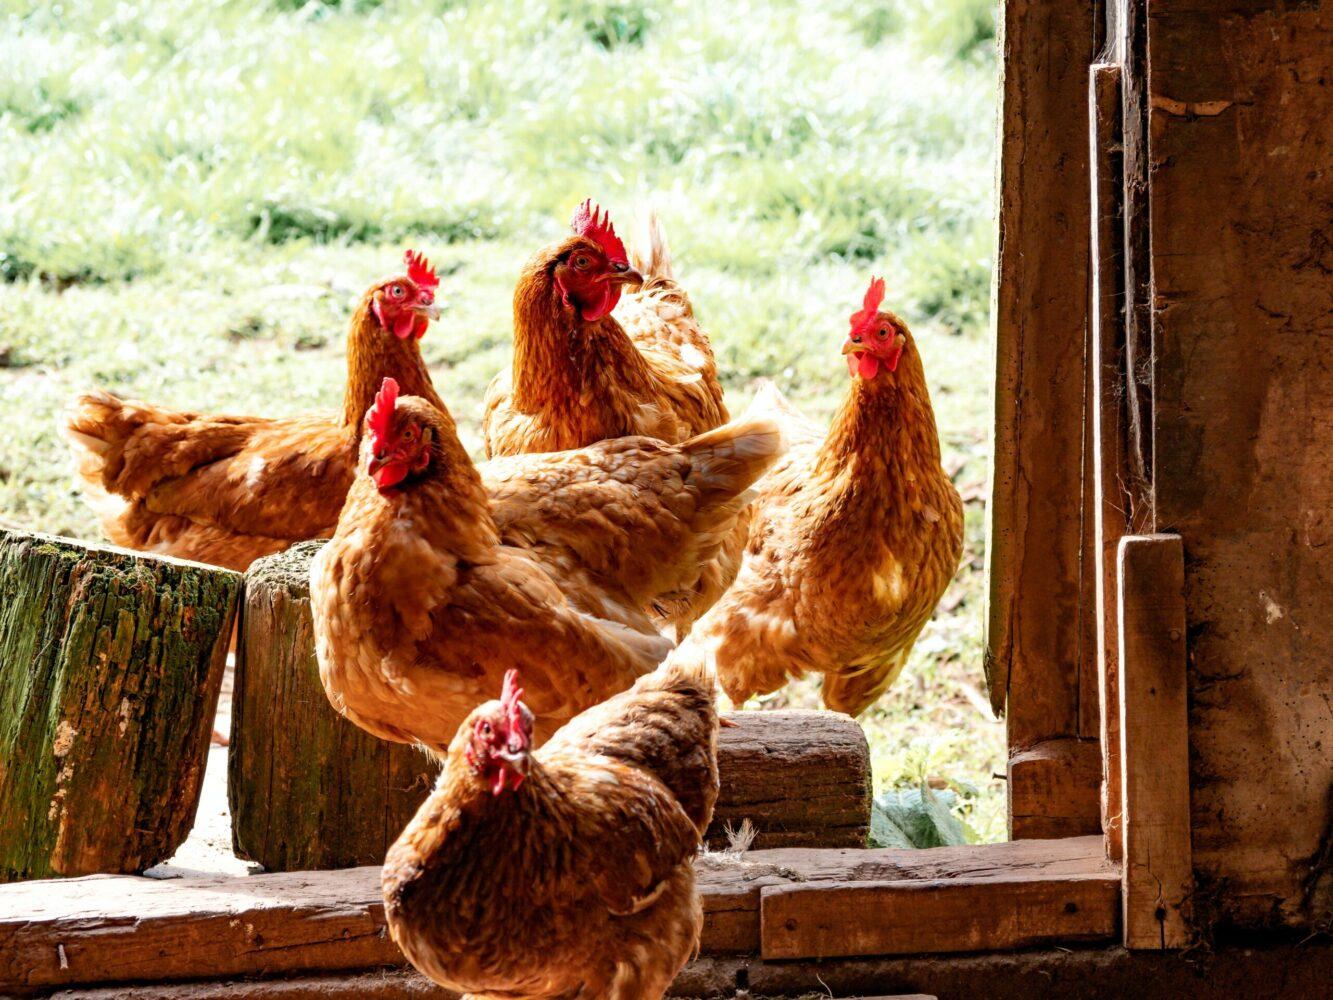 Het Gezinsleven - Lifestyle - Huishouden - Huisdieren - Hoe start ik met het houden van kippen? Alle voor- en nadelen. - Kippen huisvesting